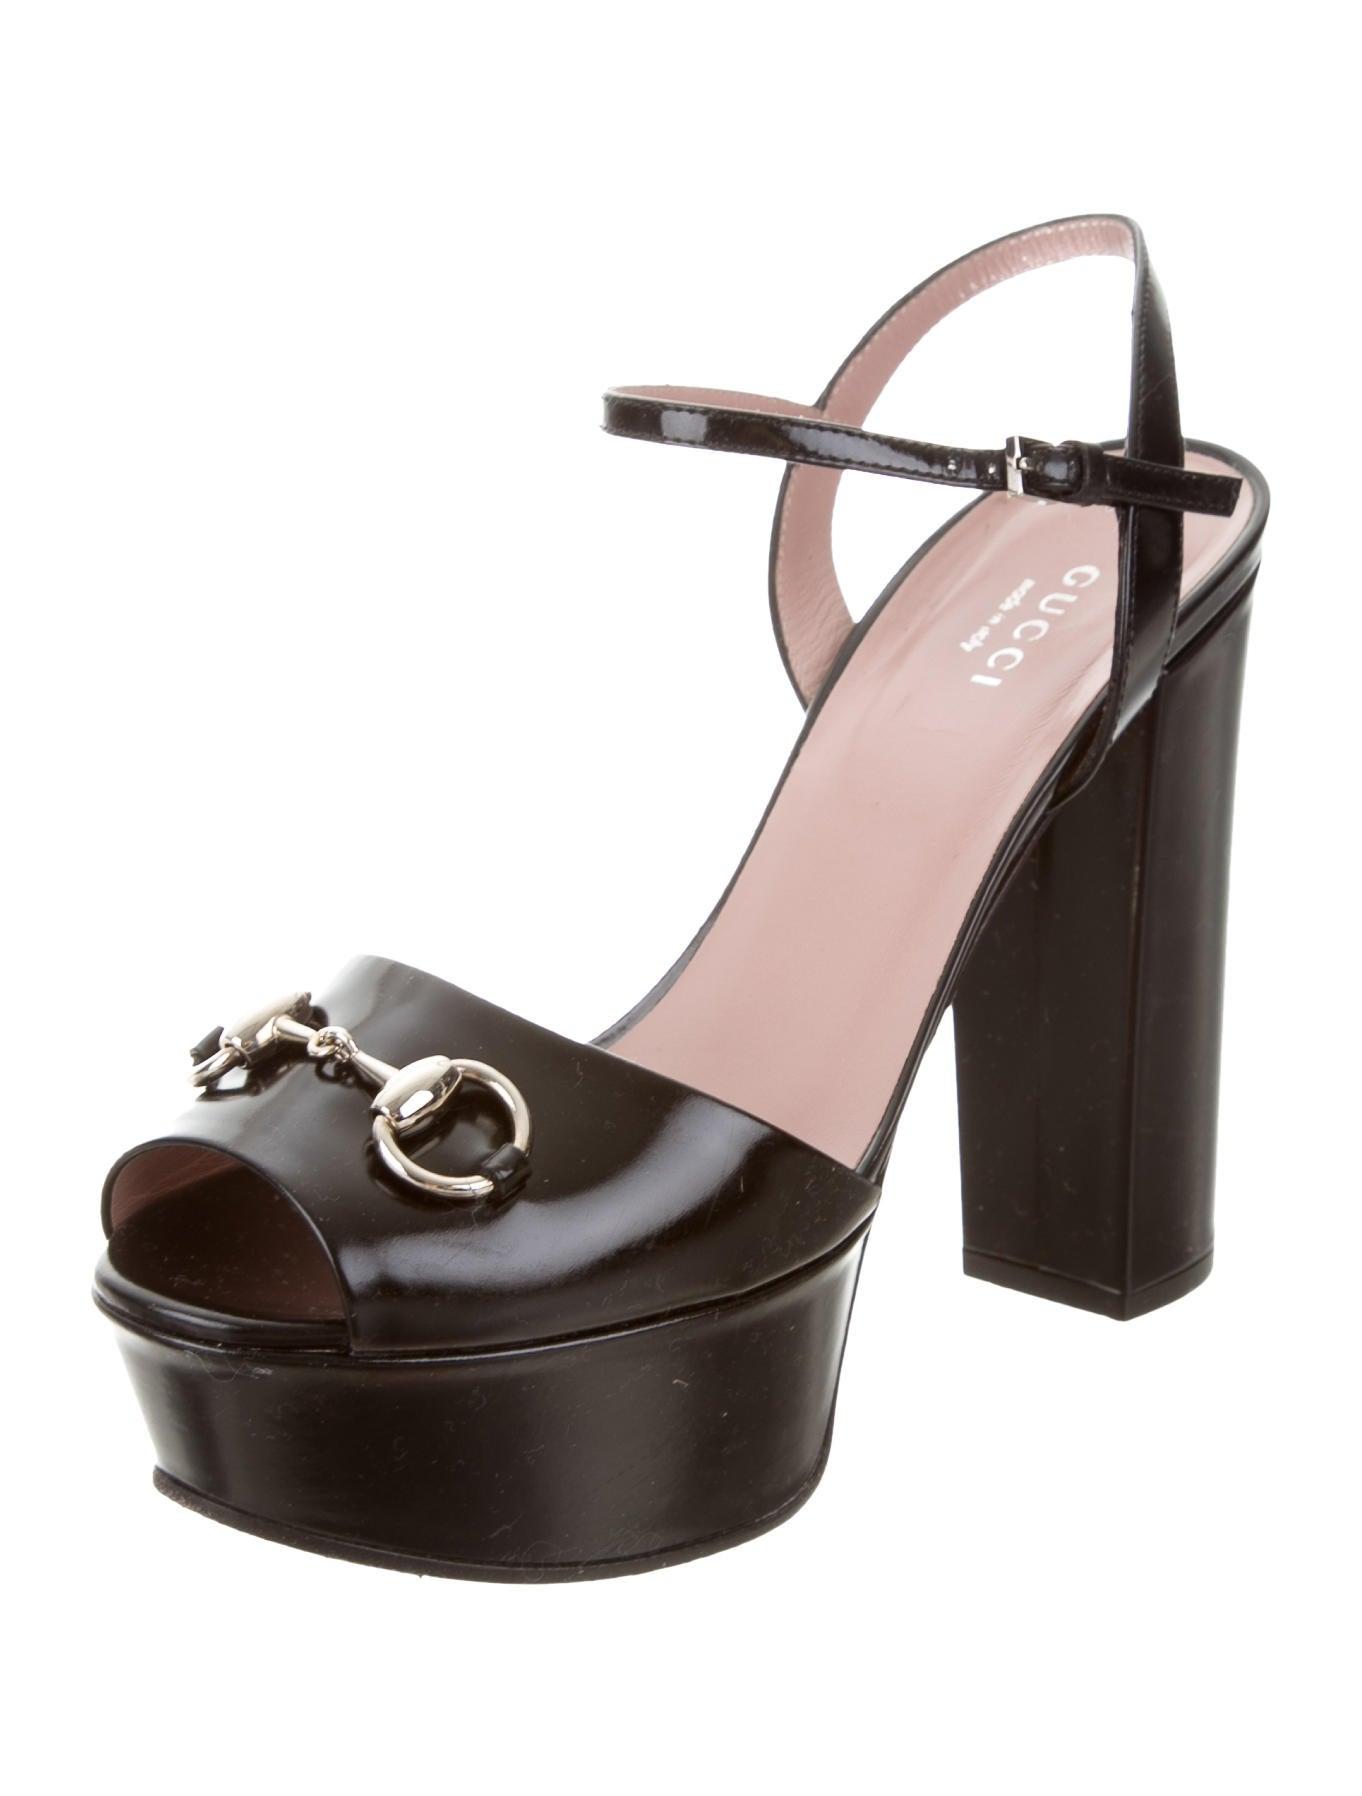 Gucci Horsebit Platform Sandals - Shoes